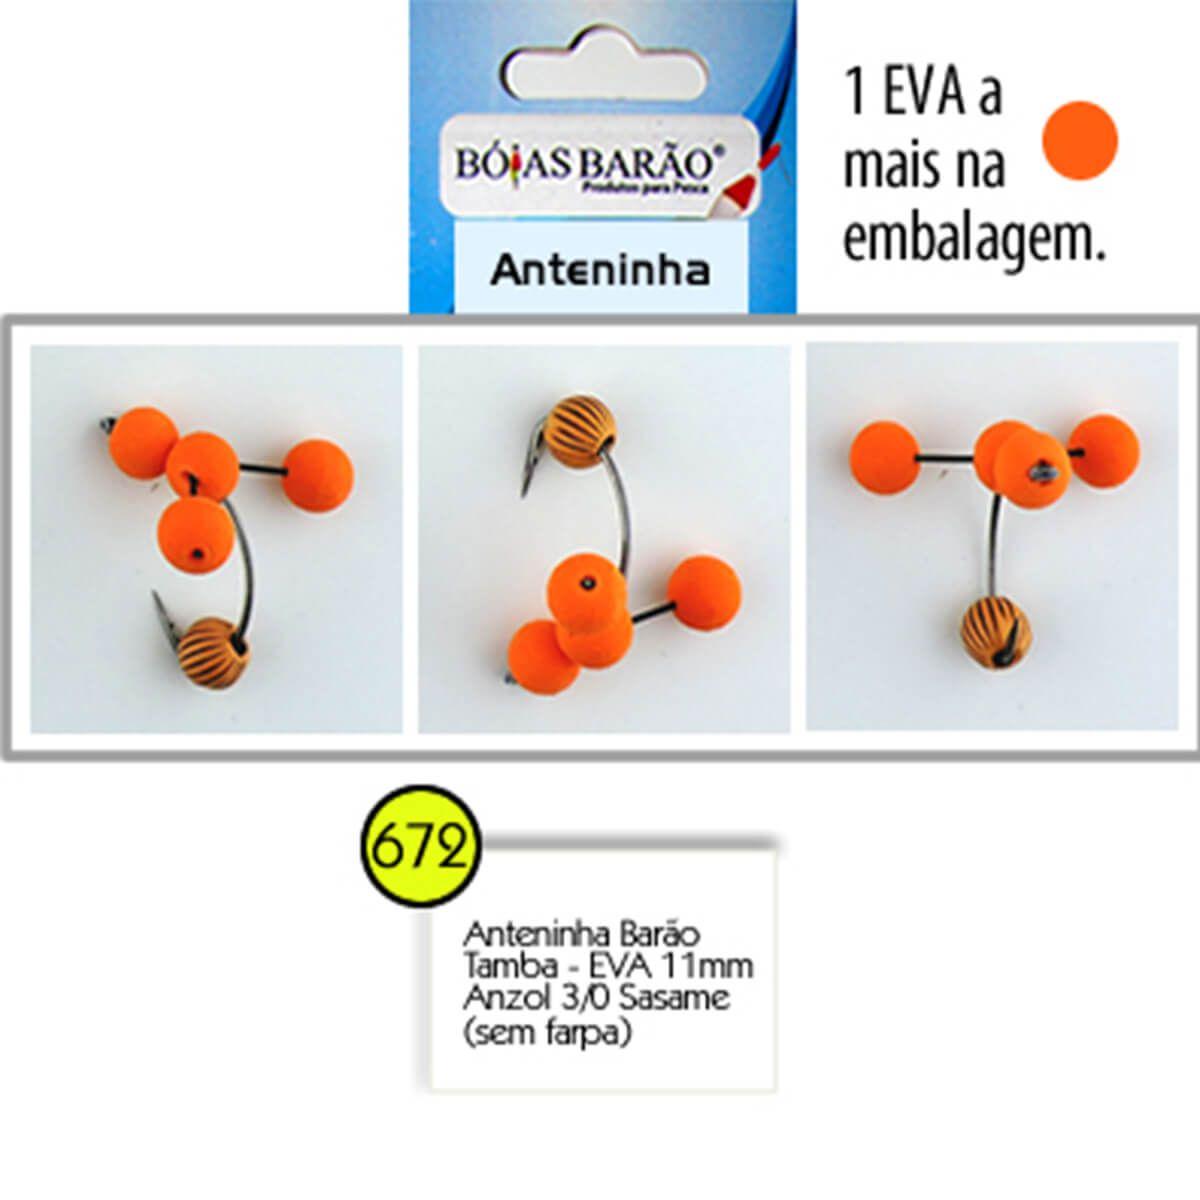 Anteninha Boias Barão Tamba EVA com Miçanga Anzol Sasame 3/0 - Nº 672